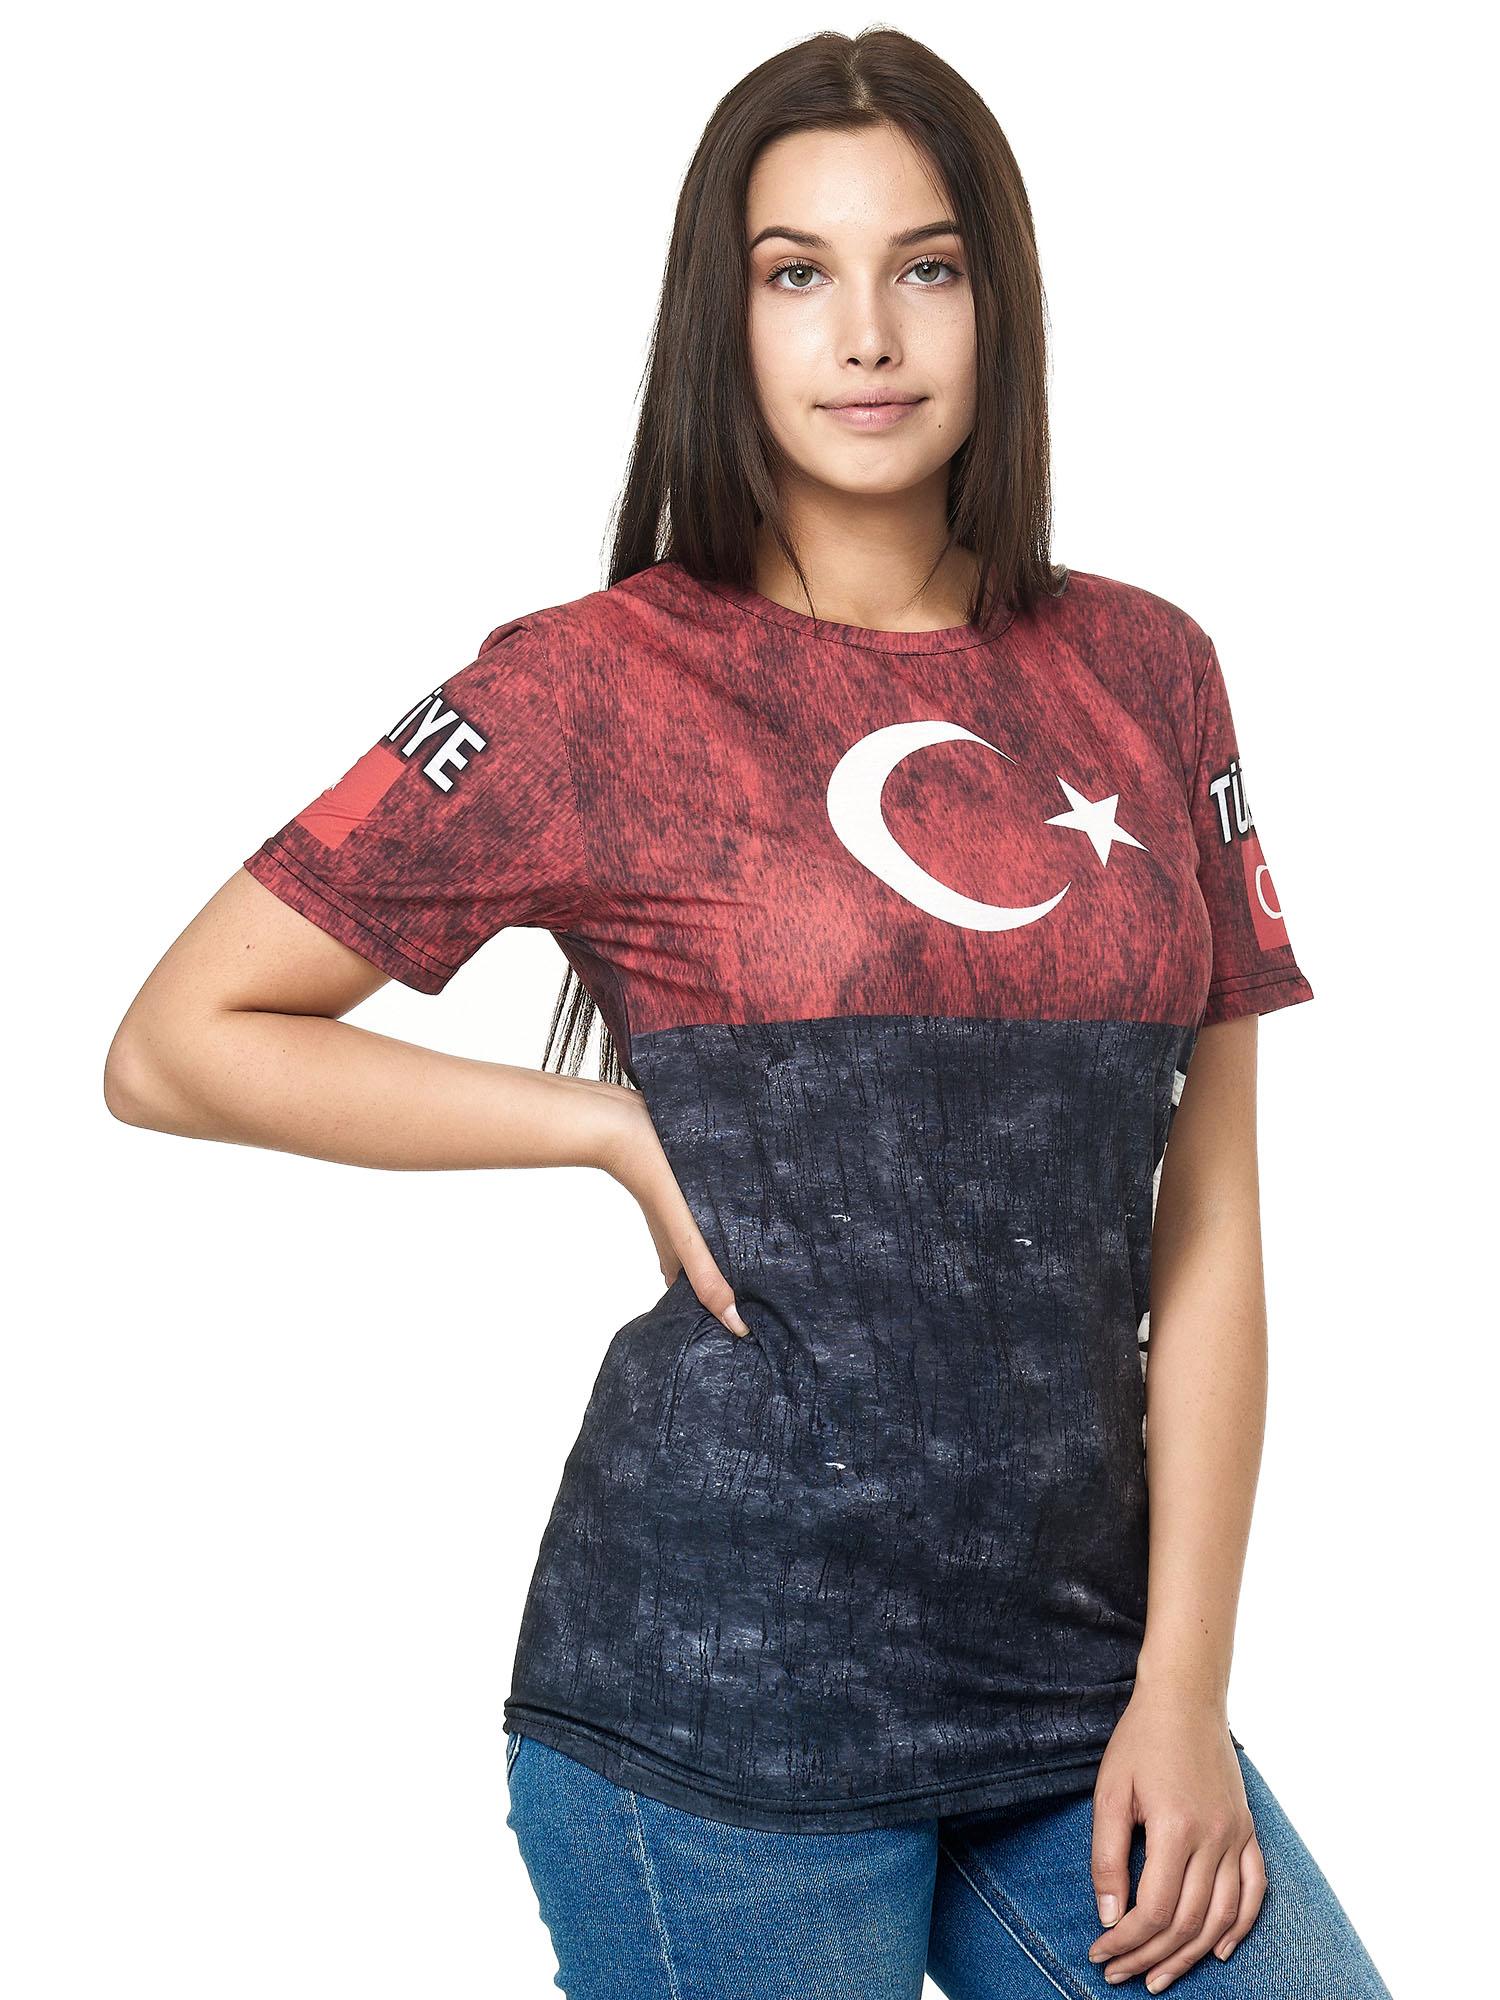 Paesi-da-Donna-T-shirt-A-Maniche-Corte-Girocollo-donne-CALCIO-Fanshirt-John-Kayna miniatura 113